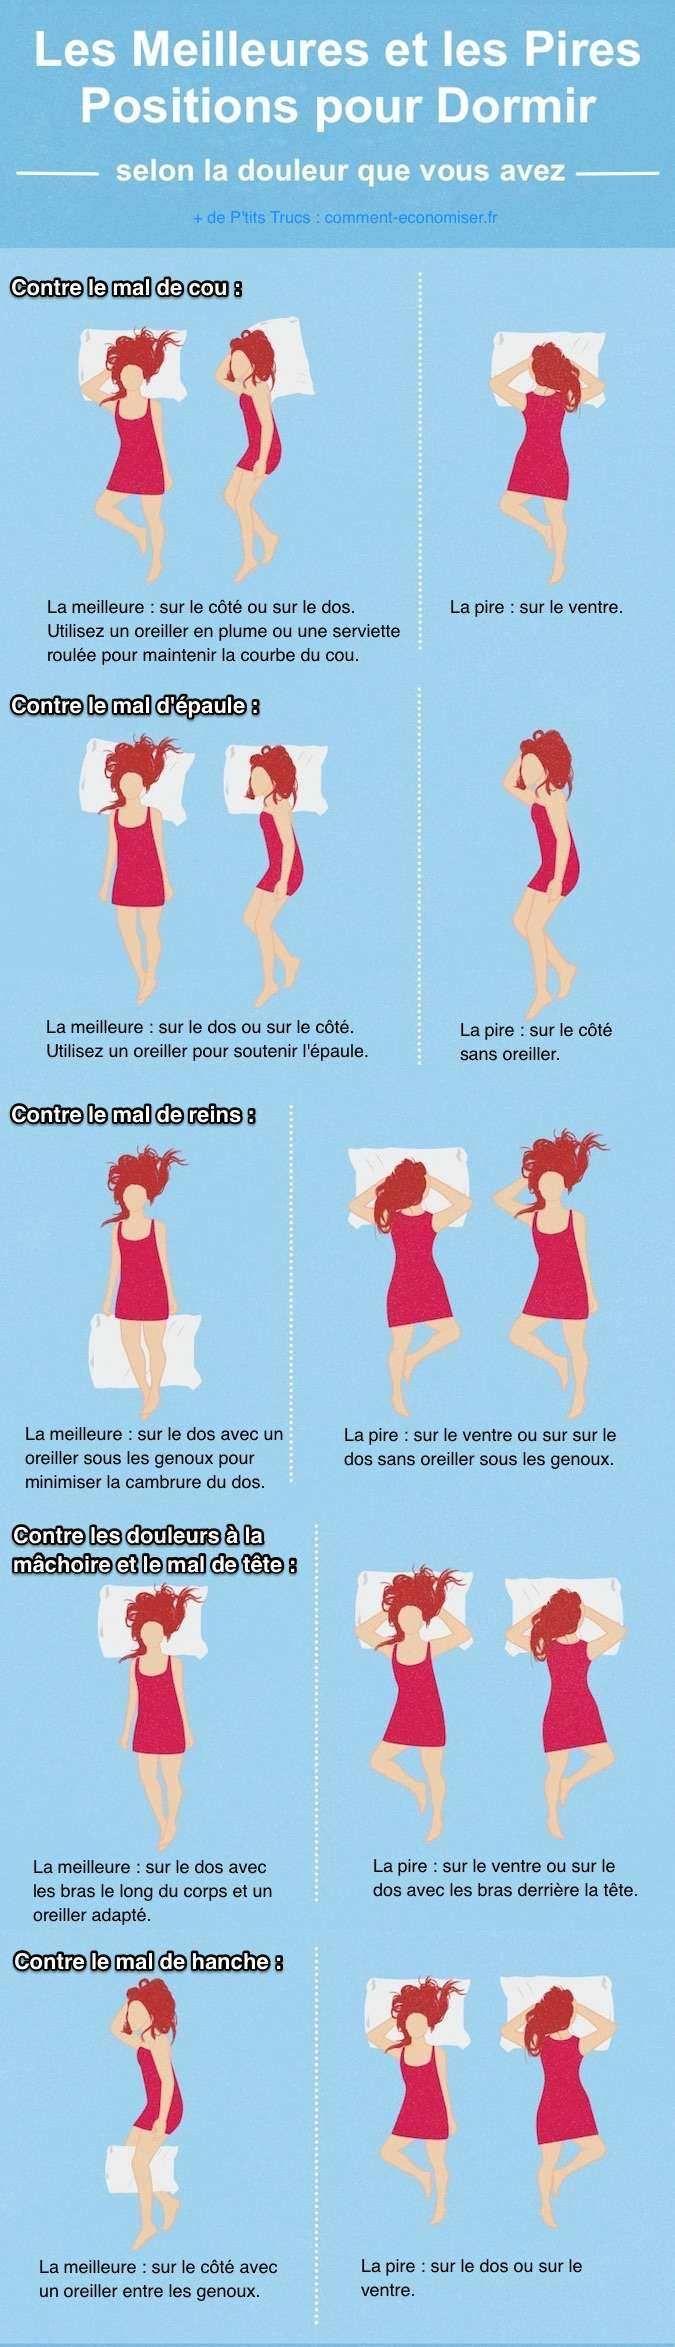 Ce Graphique Explique les Meilleures et les Pires Positions Pour Dormir.